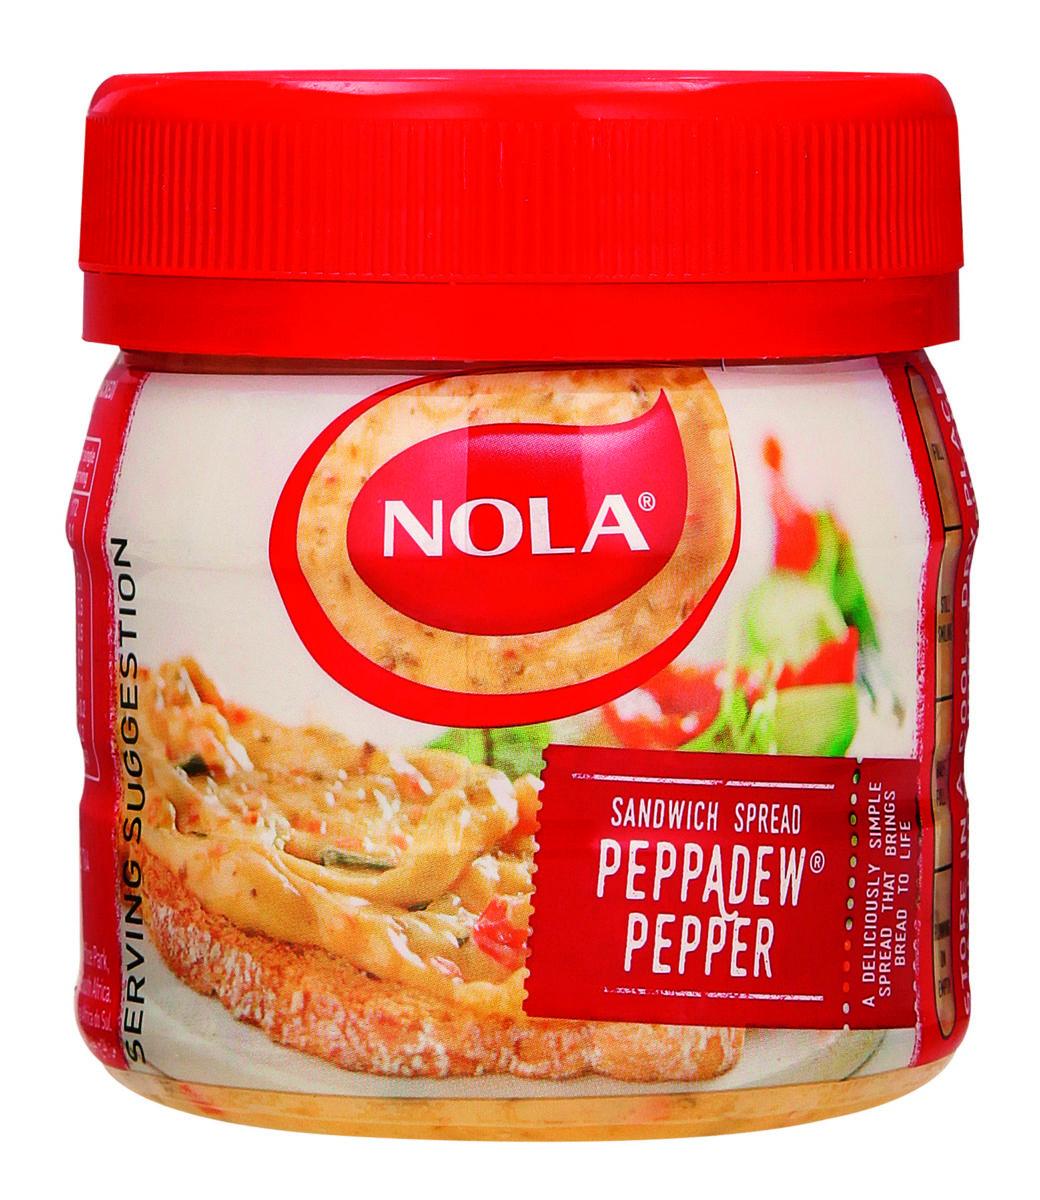 Peppadew Pepper Sandwich Spread